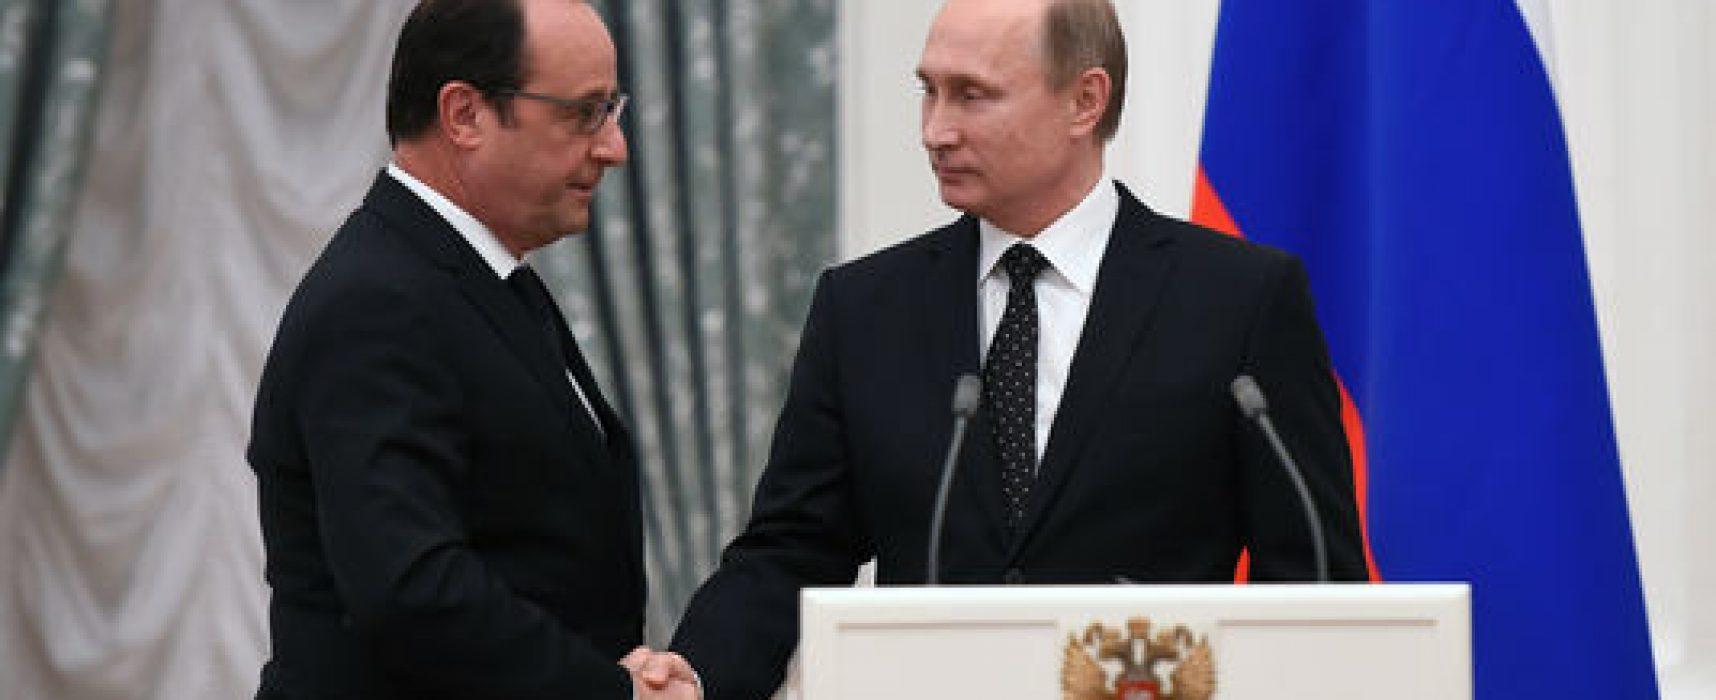 «Se positionner face à Vladimir Poutine est déterminant pour l'affirmation de nos valeurs»